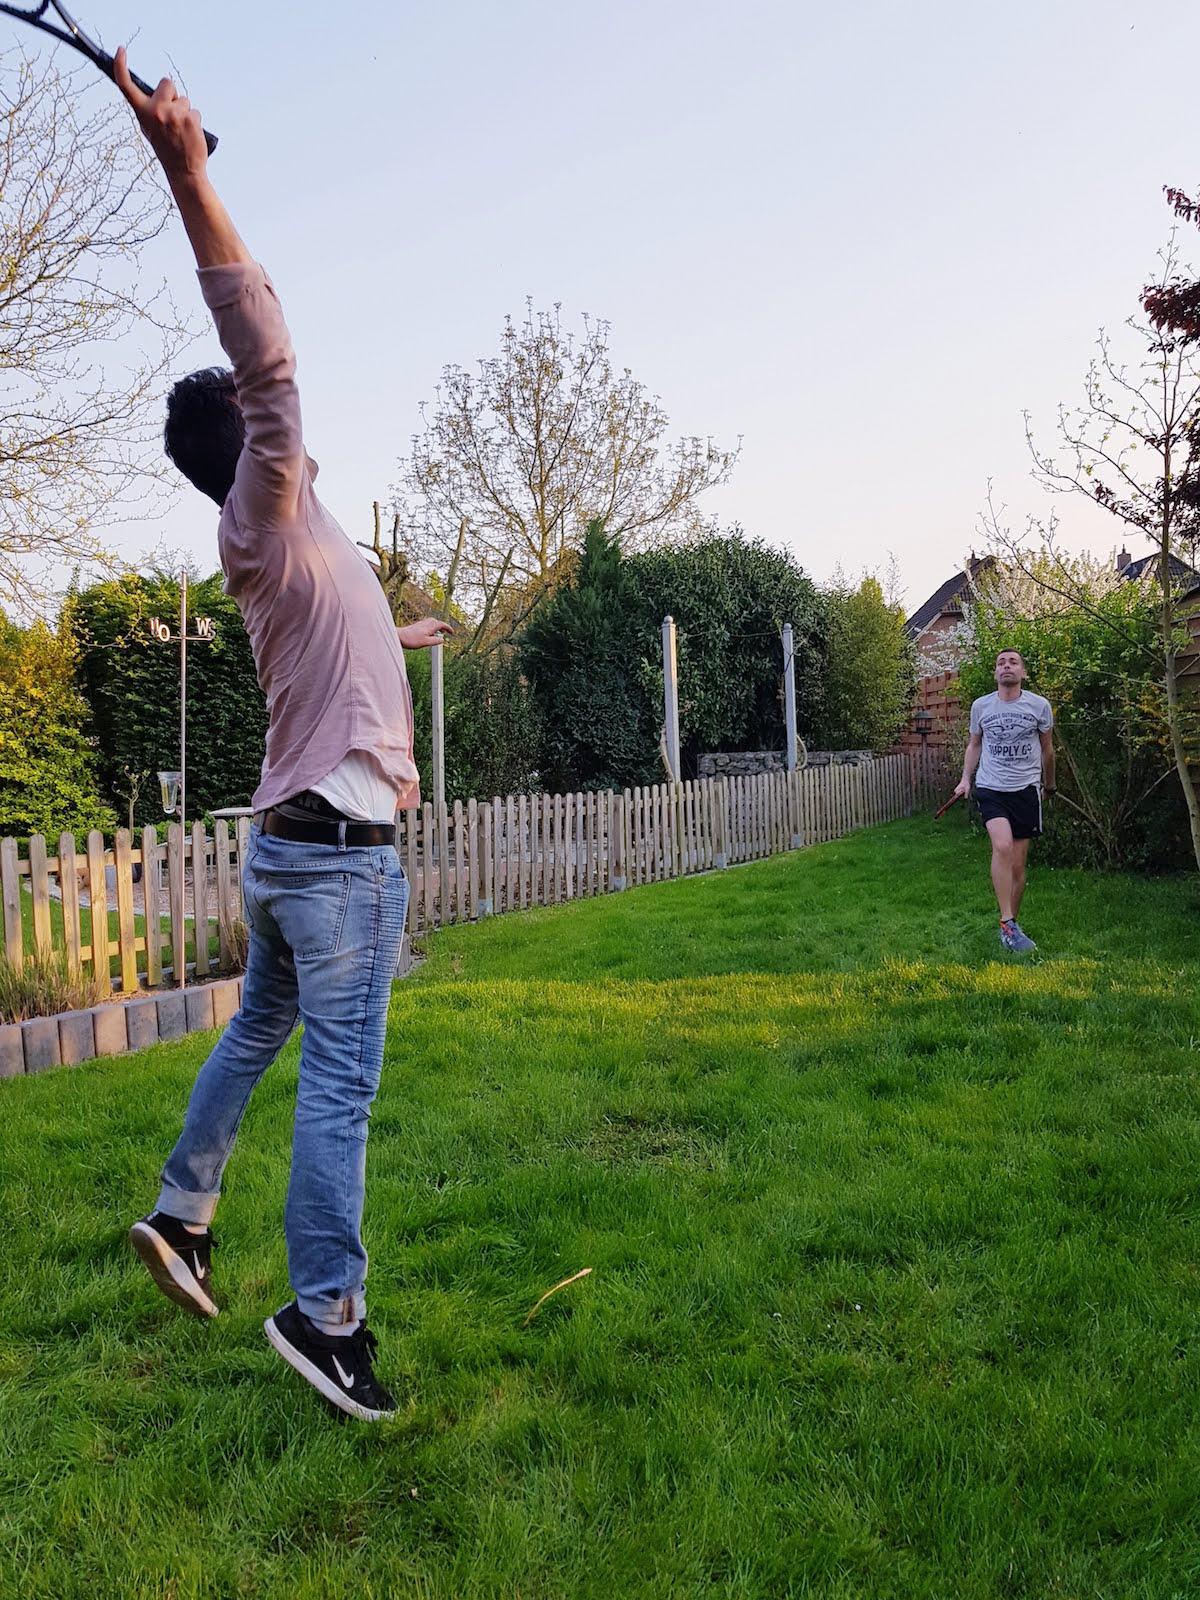 Federball spielen im Garten